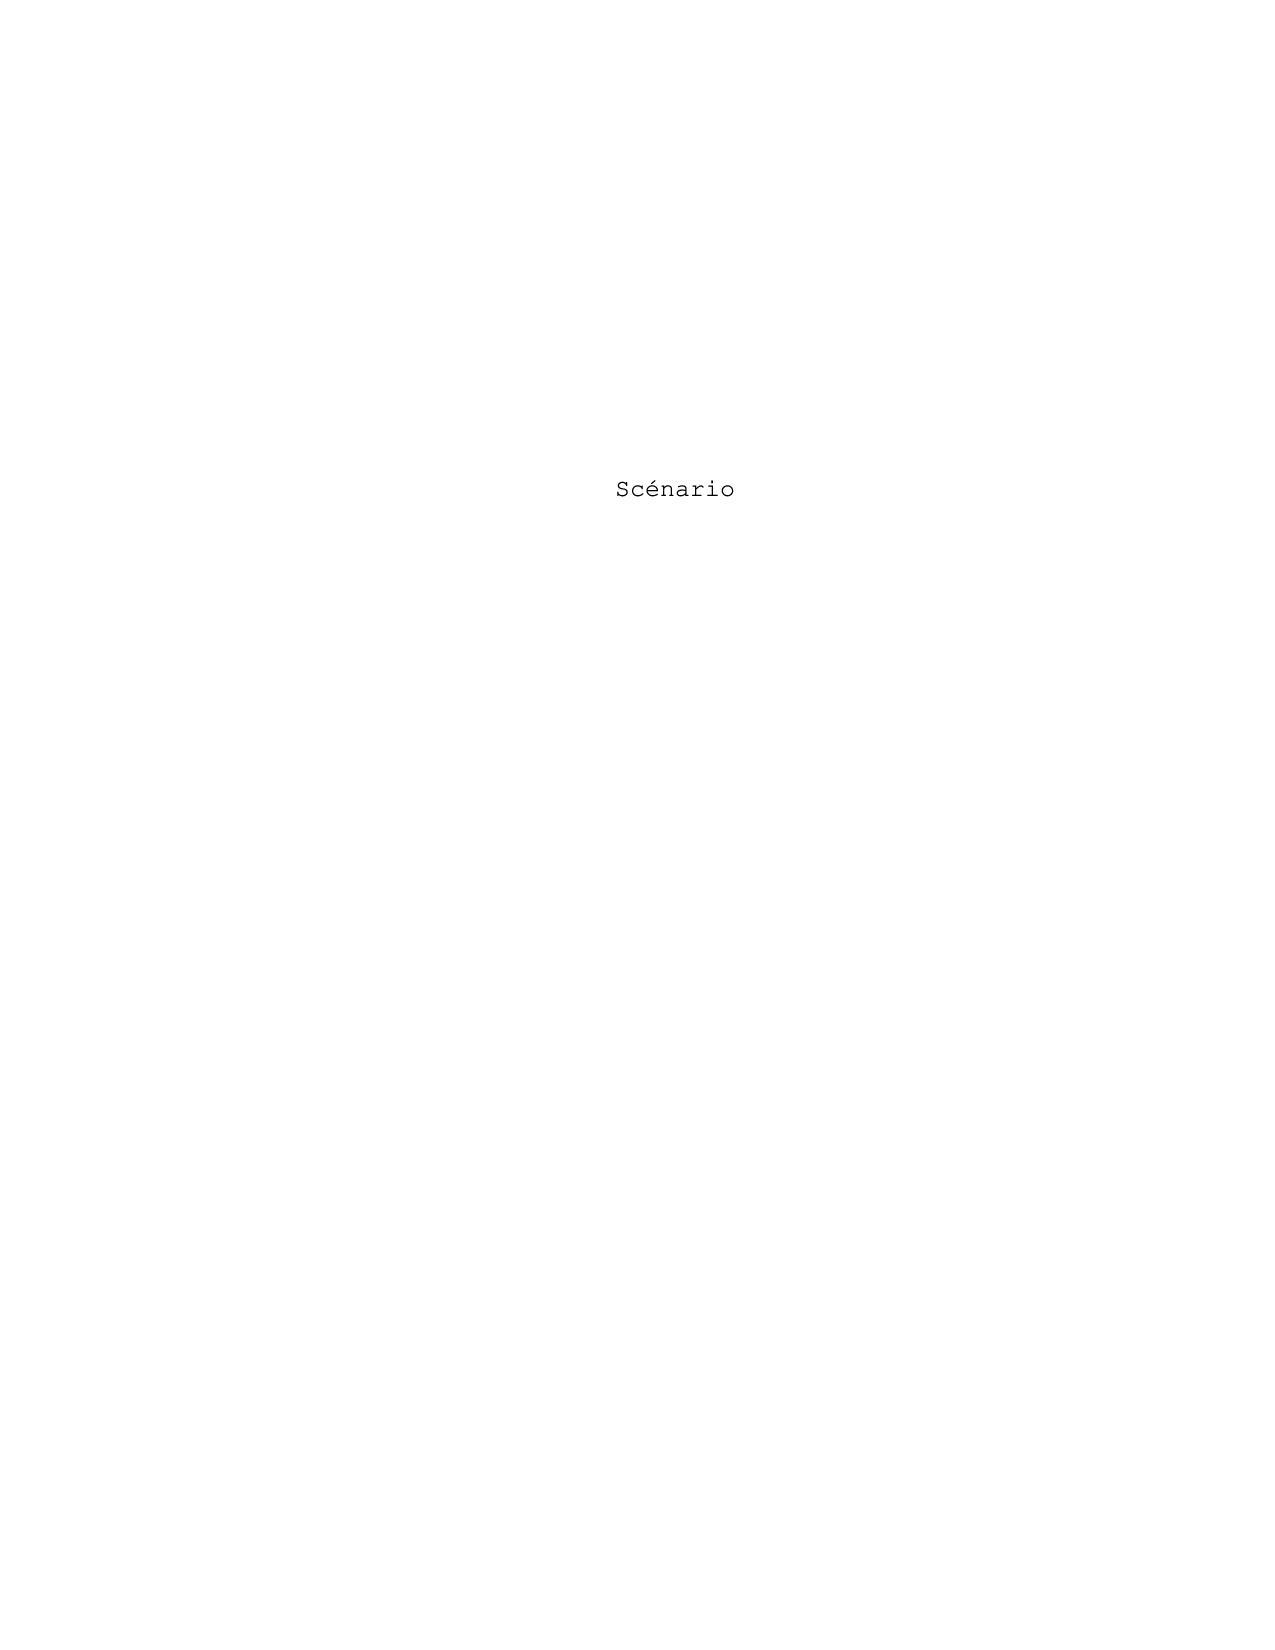 Scénario Interférences-page-001